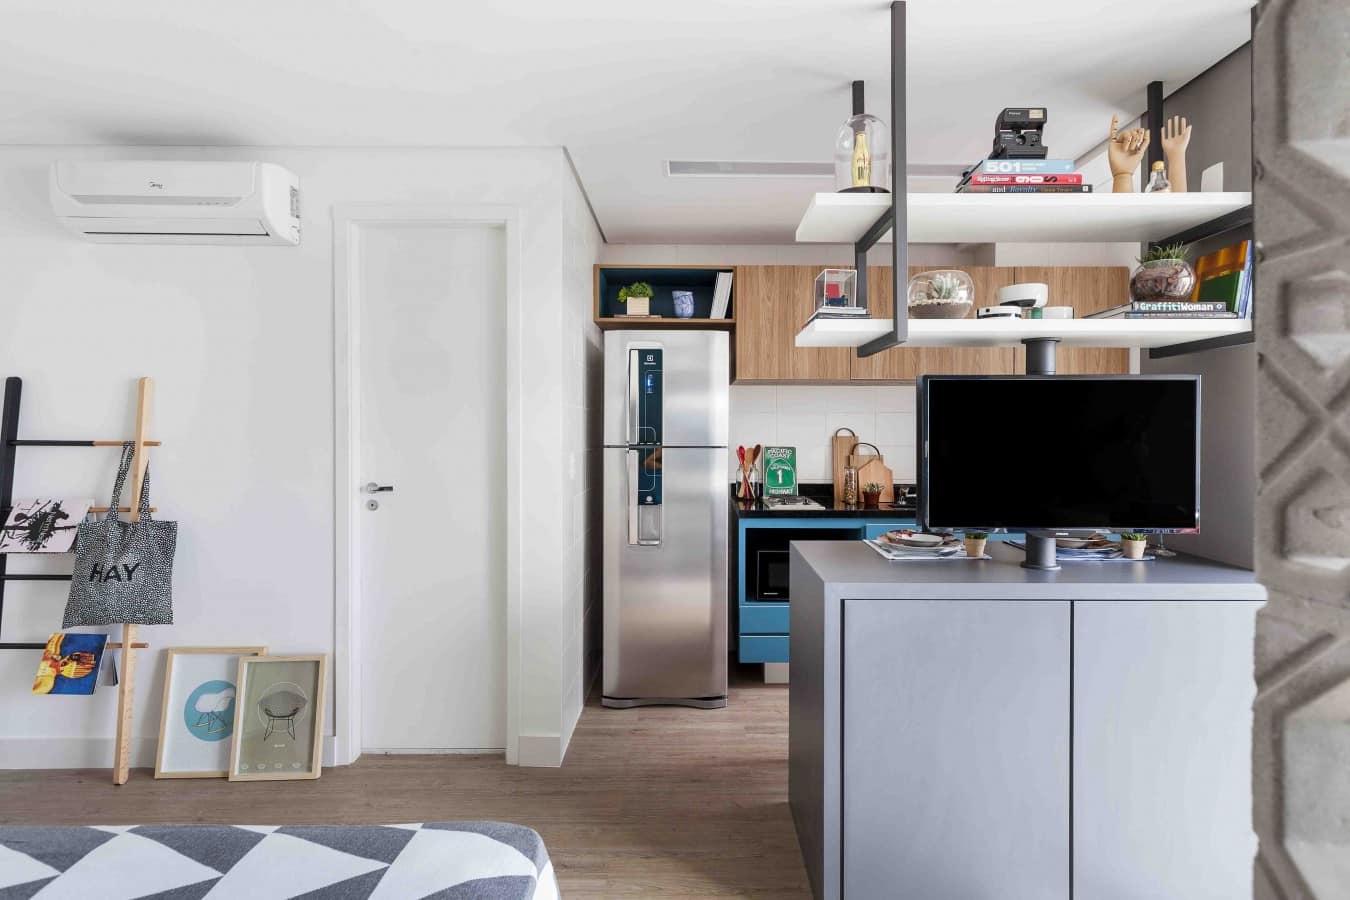 NewAgeMichigan doob arquitetura Foto Julia Ribeiro 47 - Apartamentos compactos: como otimizar os espaços